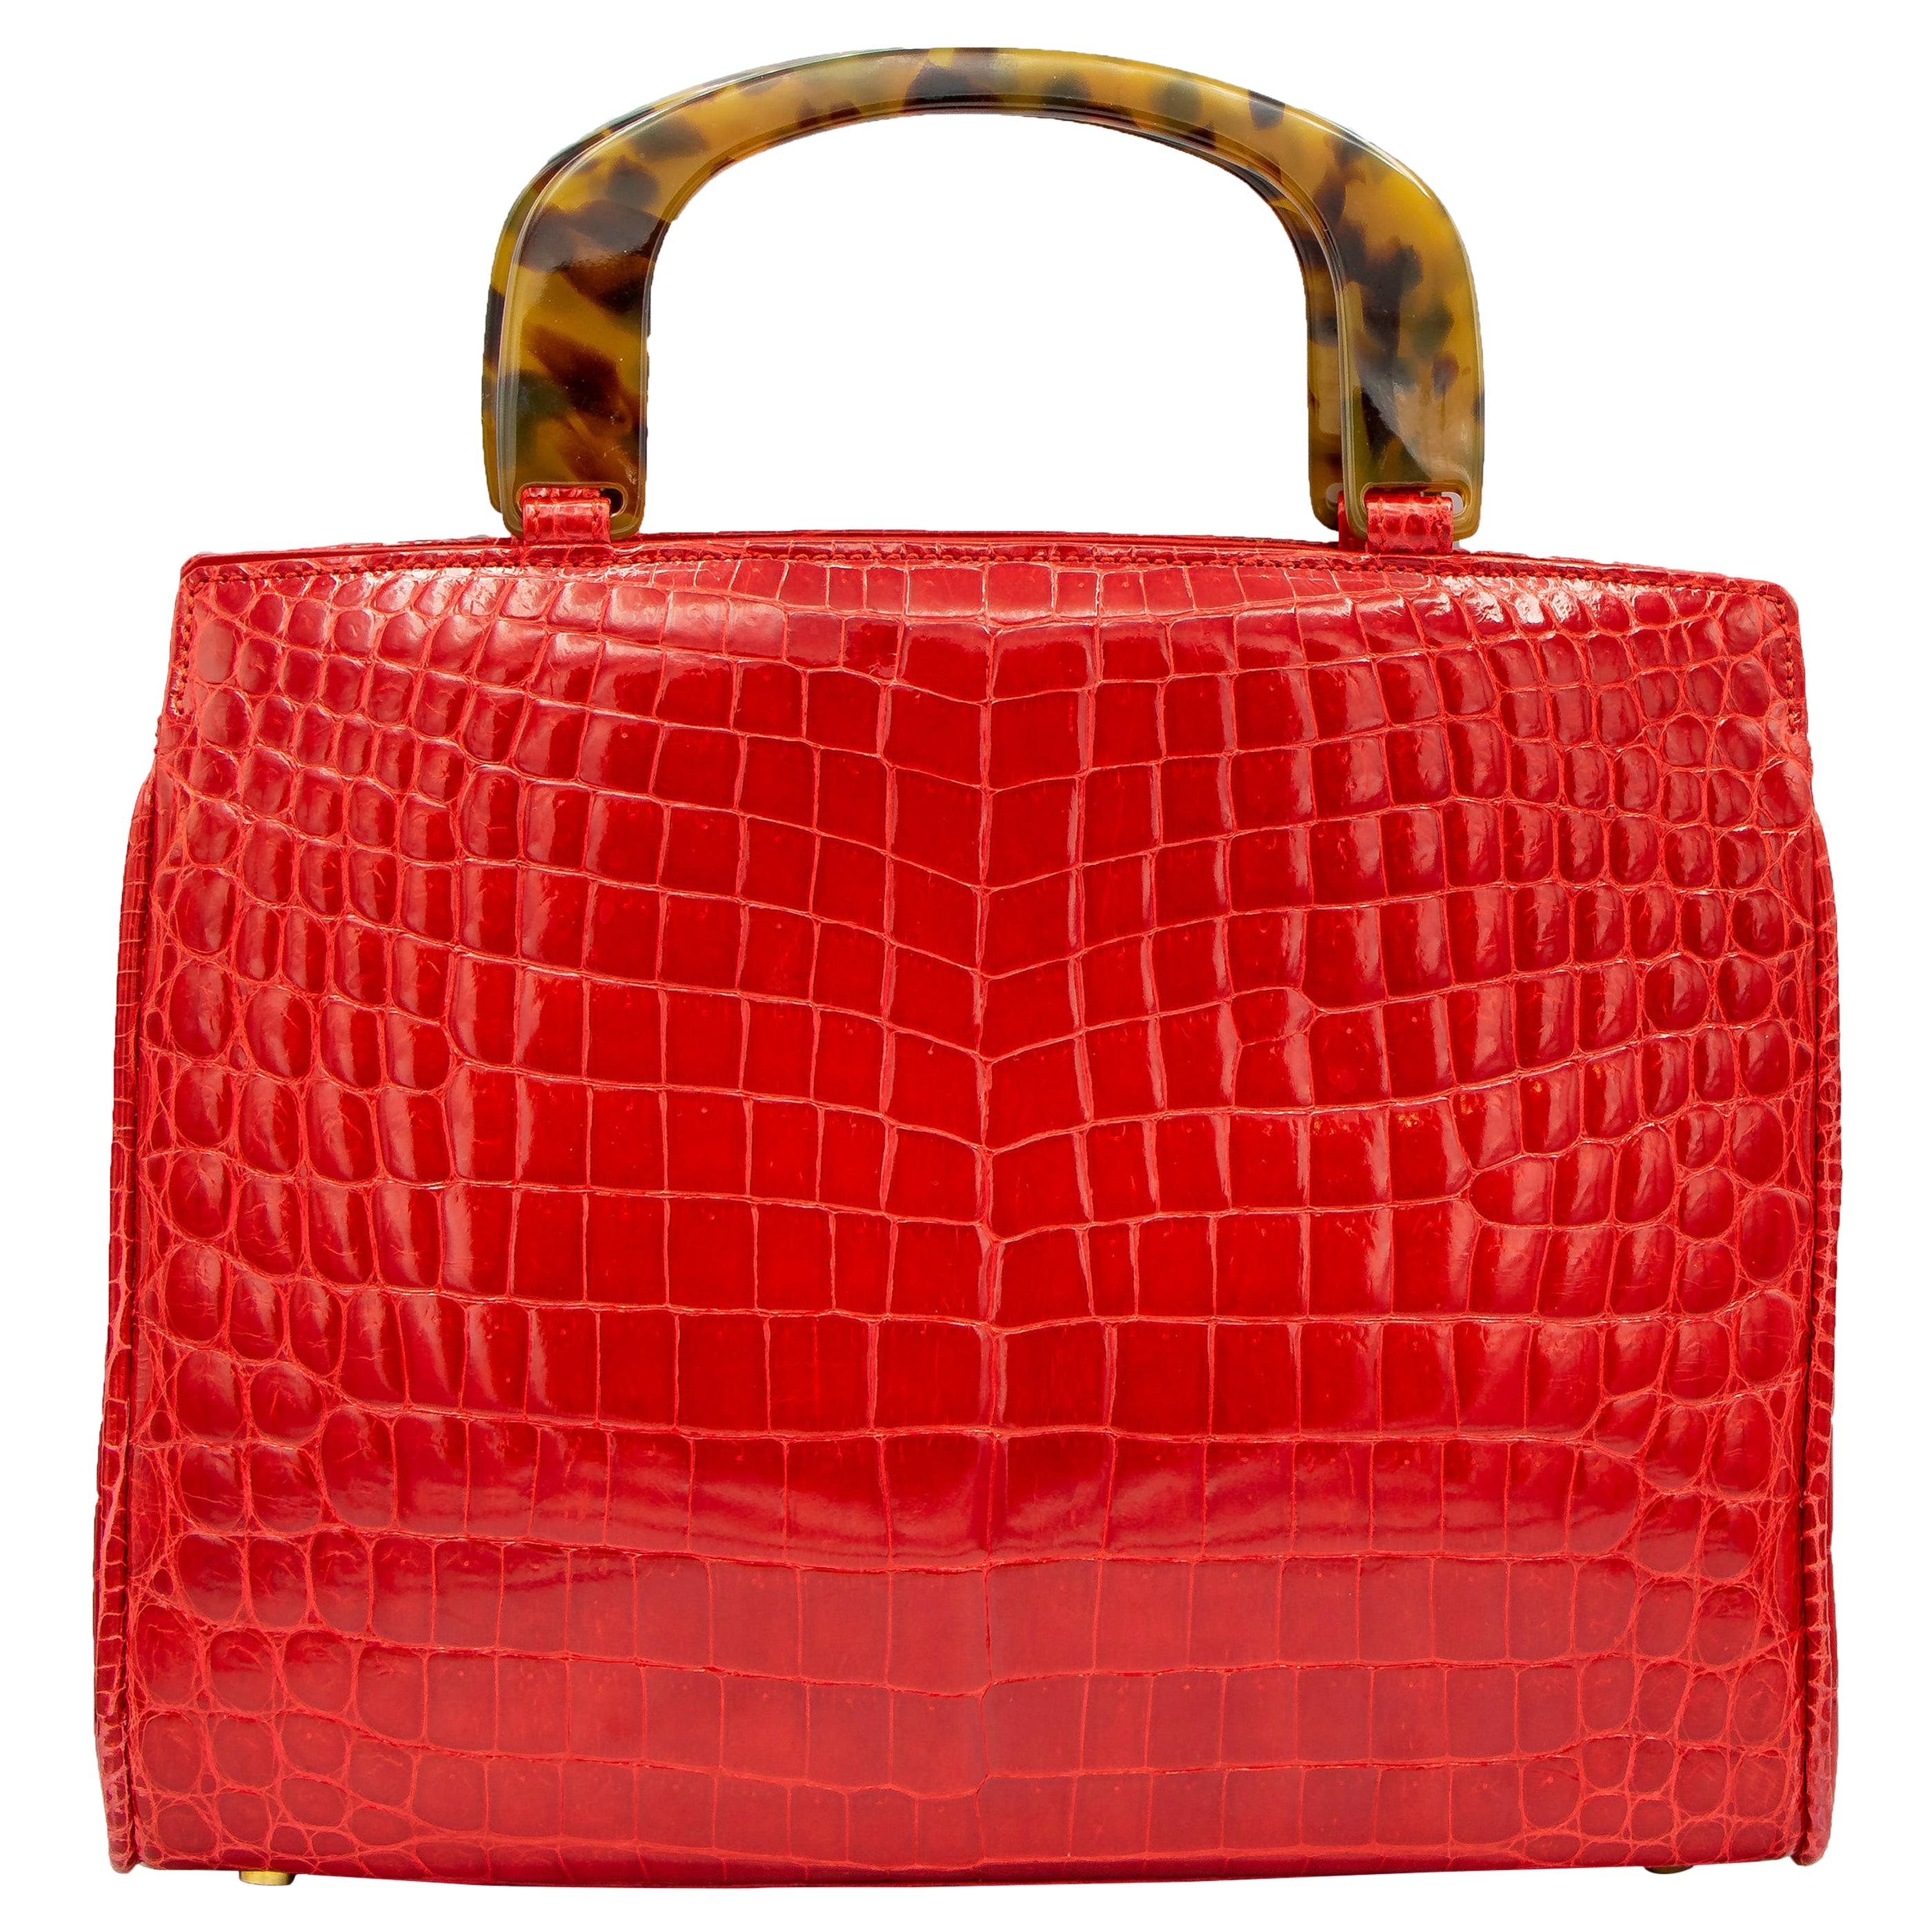 Lana Marks Lipstick Red Alligator Handbag